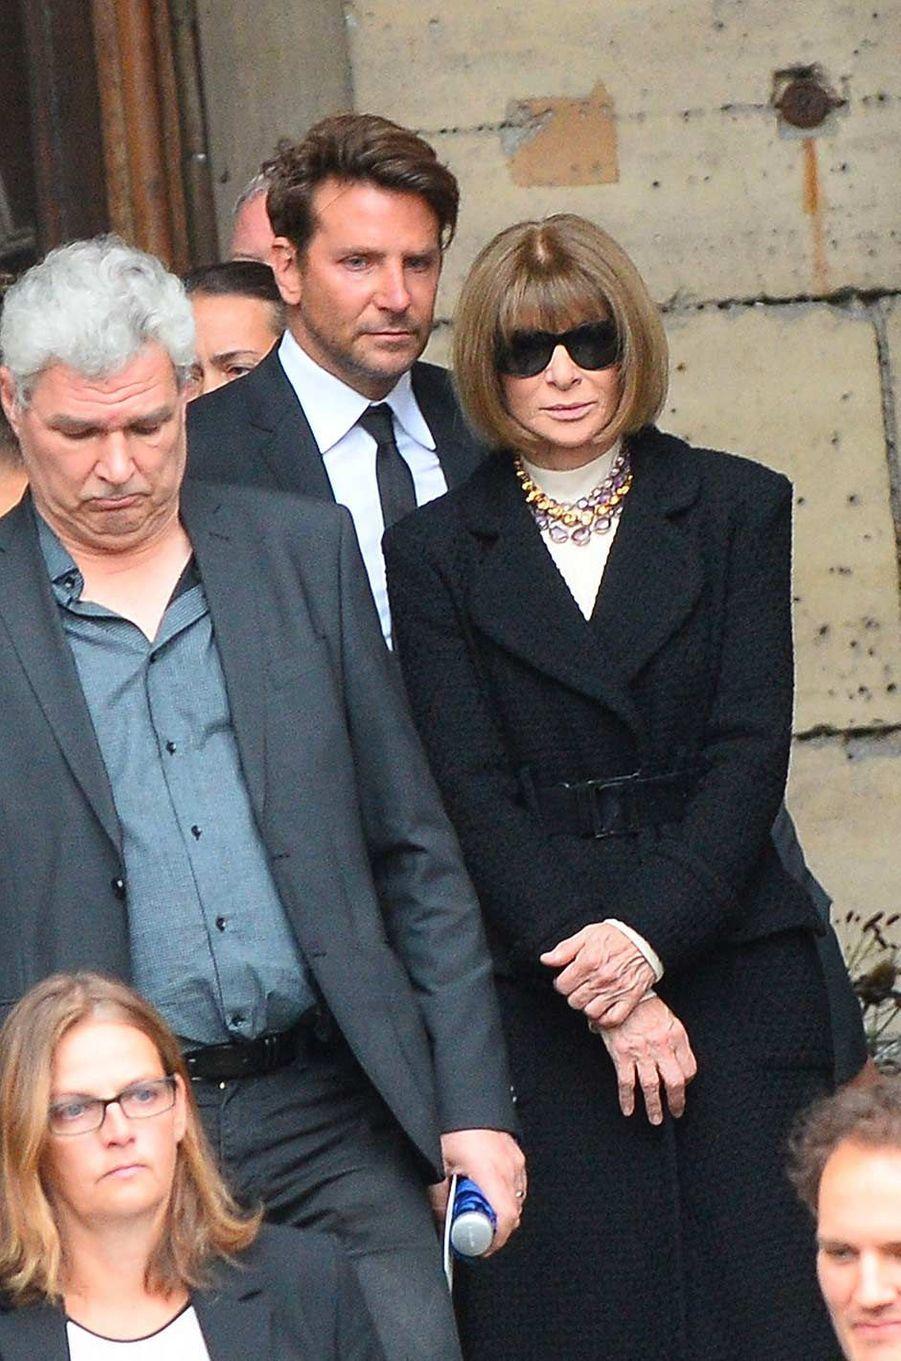 Bradley Cooper et Anna Wintouraux obsèques de Peter Lindbergh, à Paris, le 24 septembre 2019.